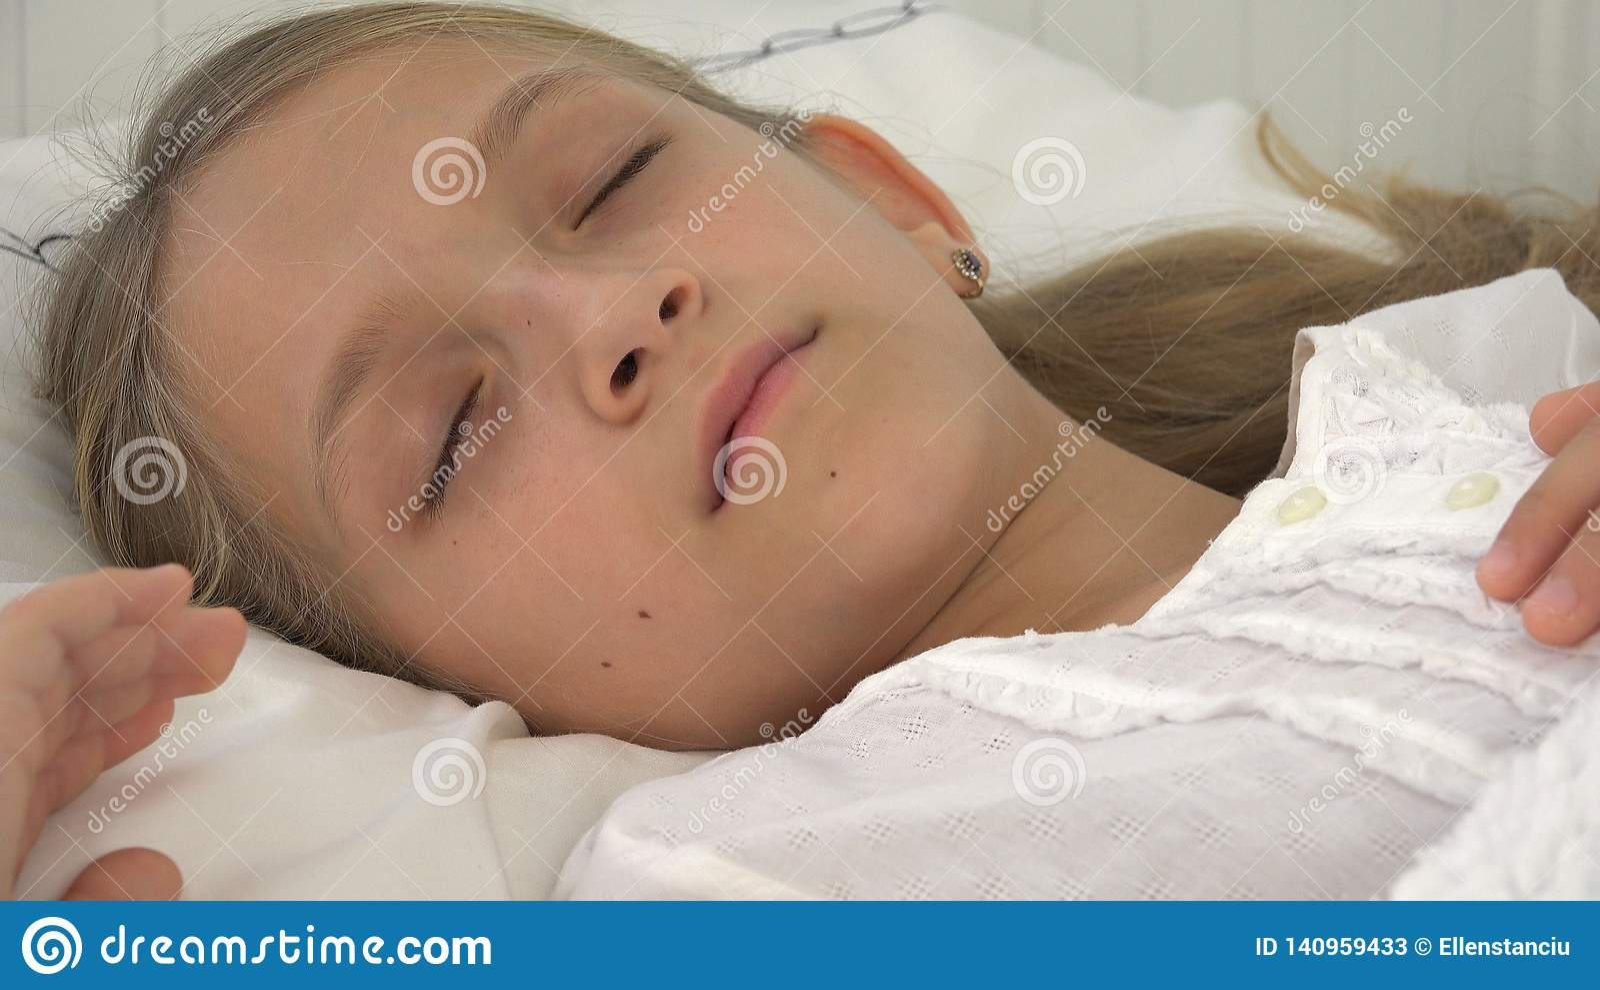 Больной ребенок в кровати, больной ребенк с термометром, девушка в больнице, медицине таблеток